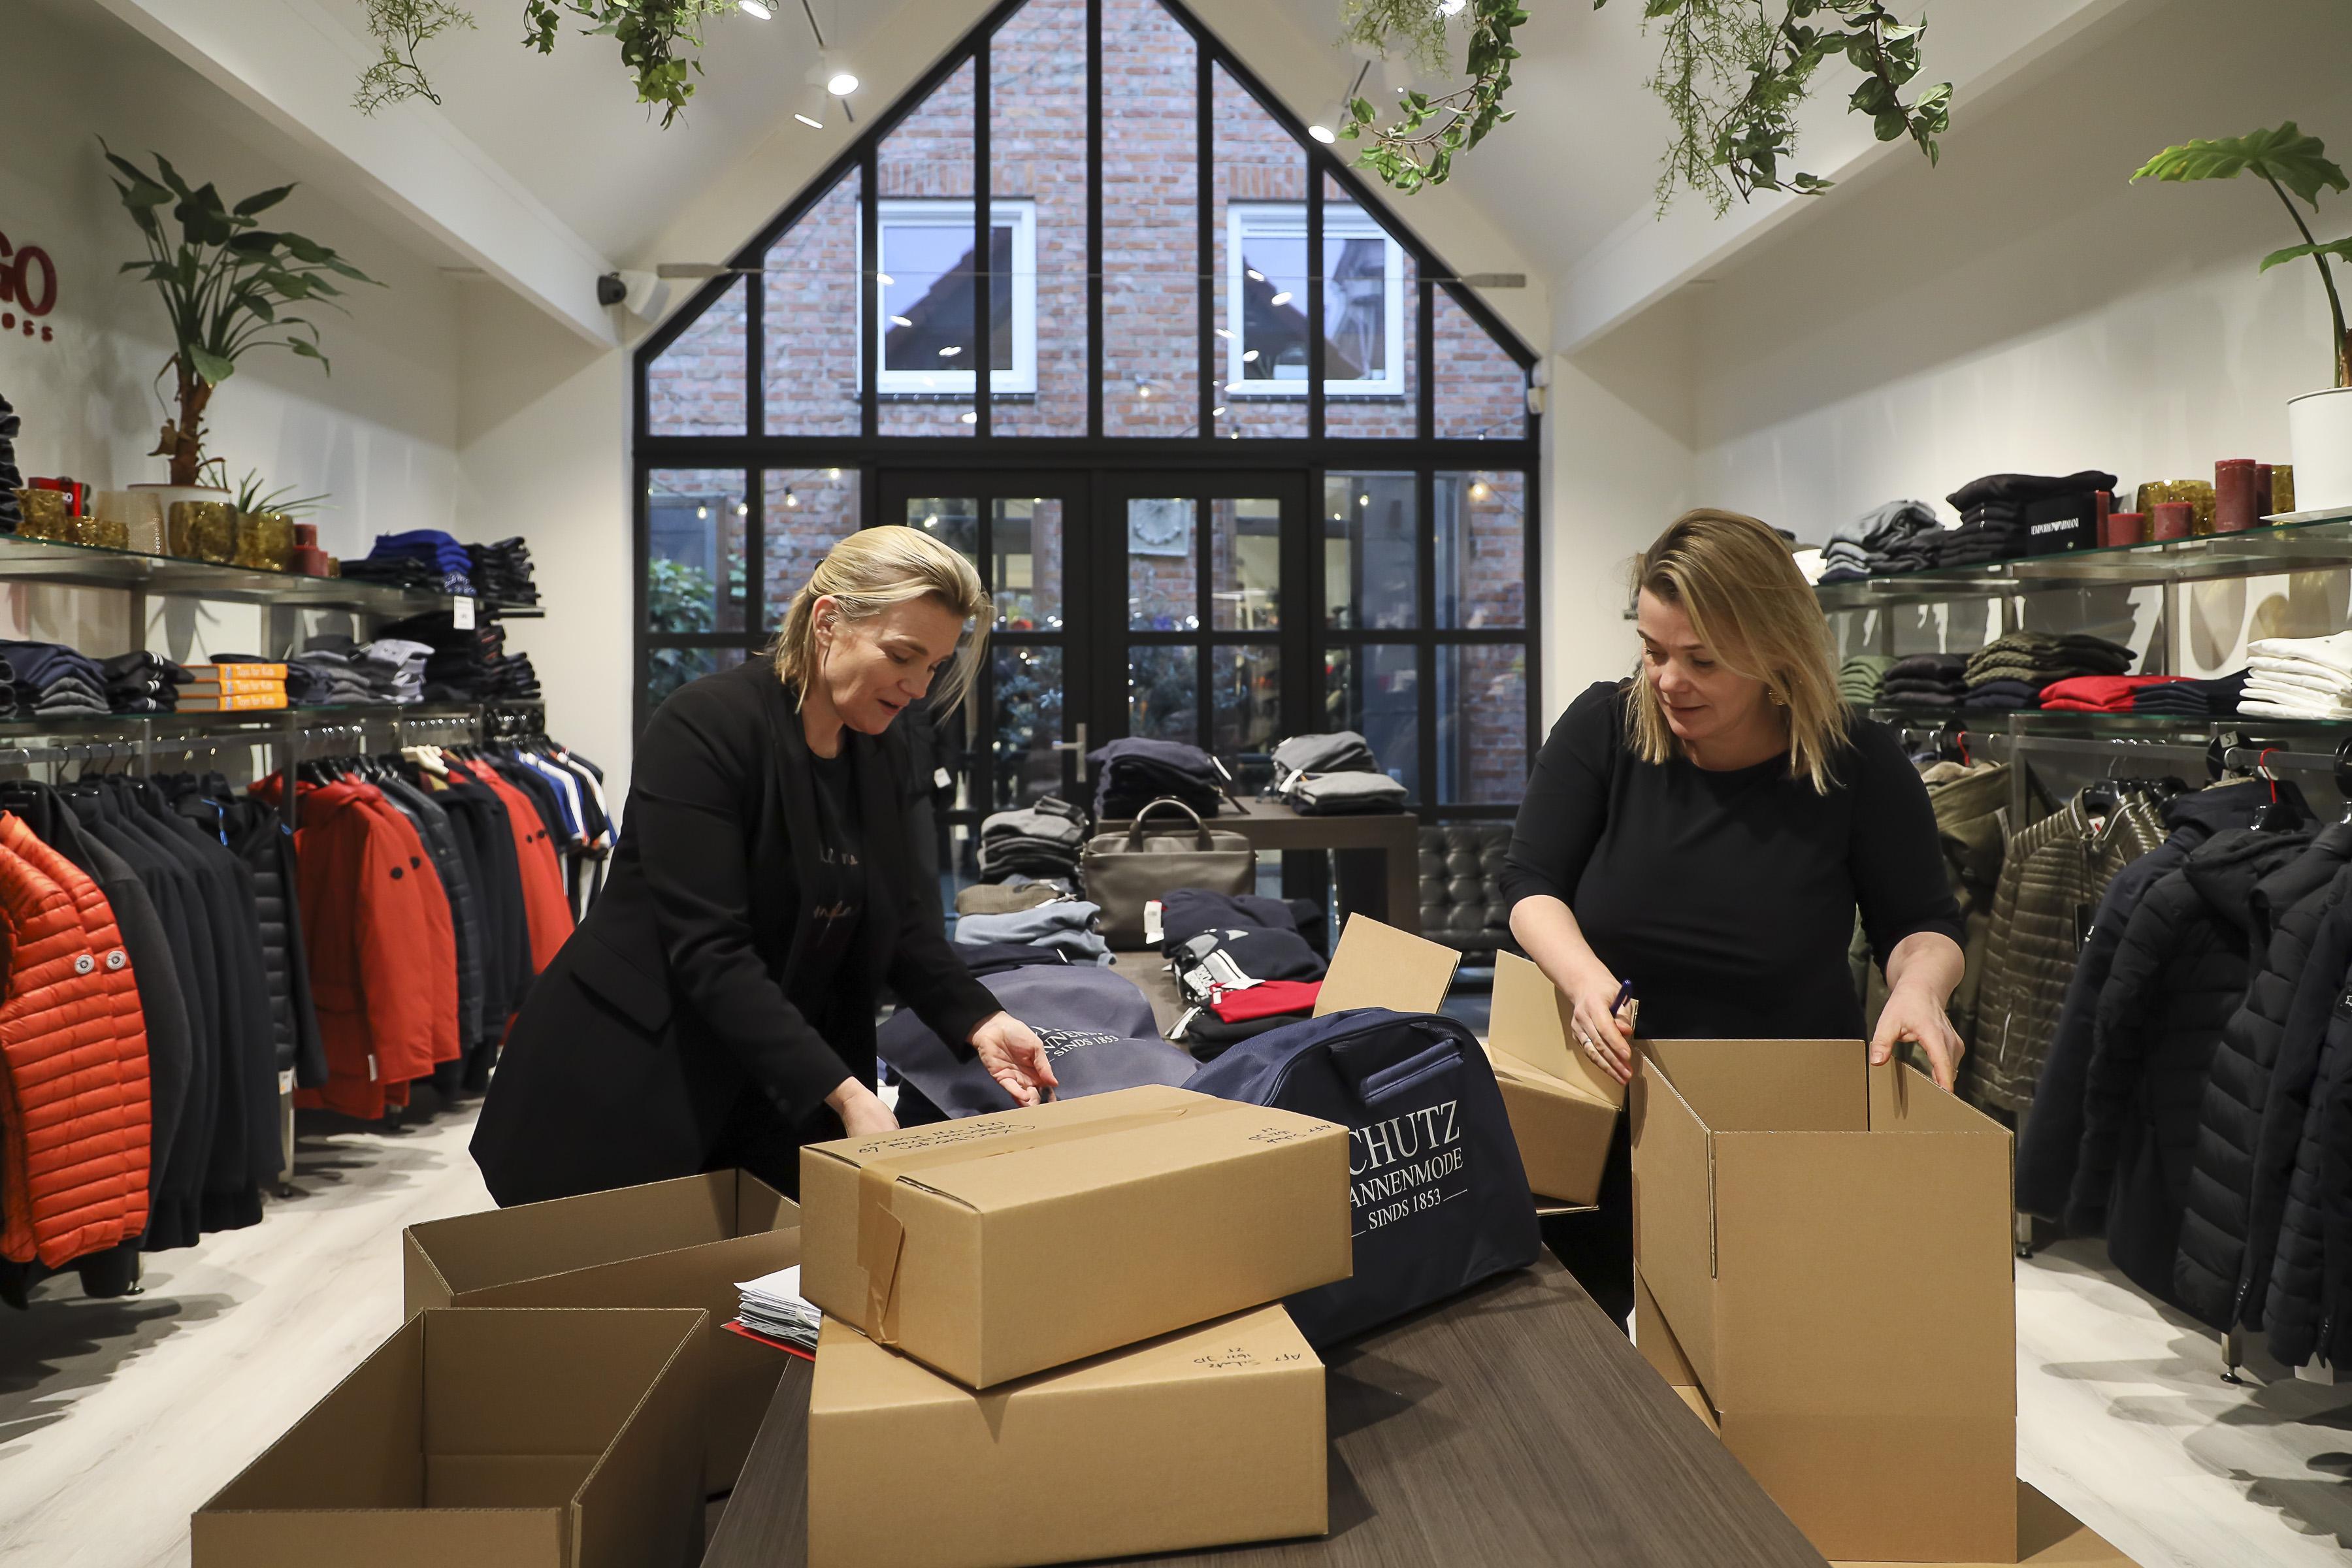 'Laat kledingwinkels wintercollectie verkopen, als kans om te overleven'